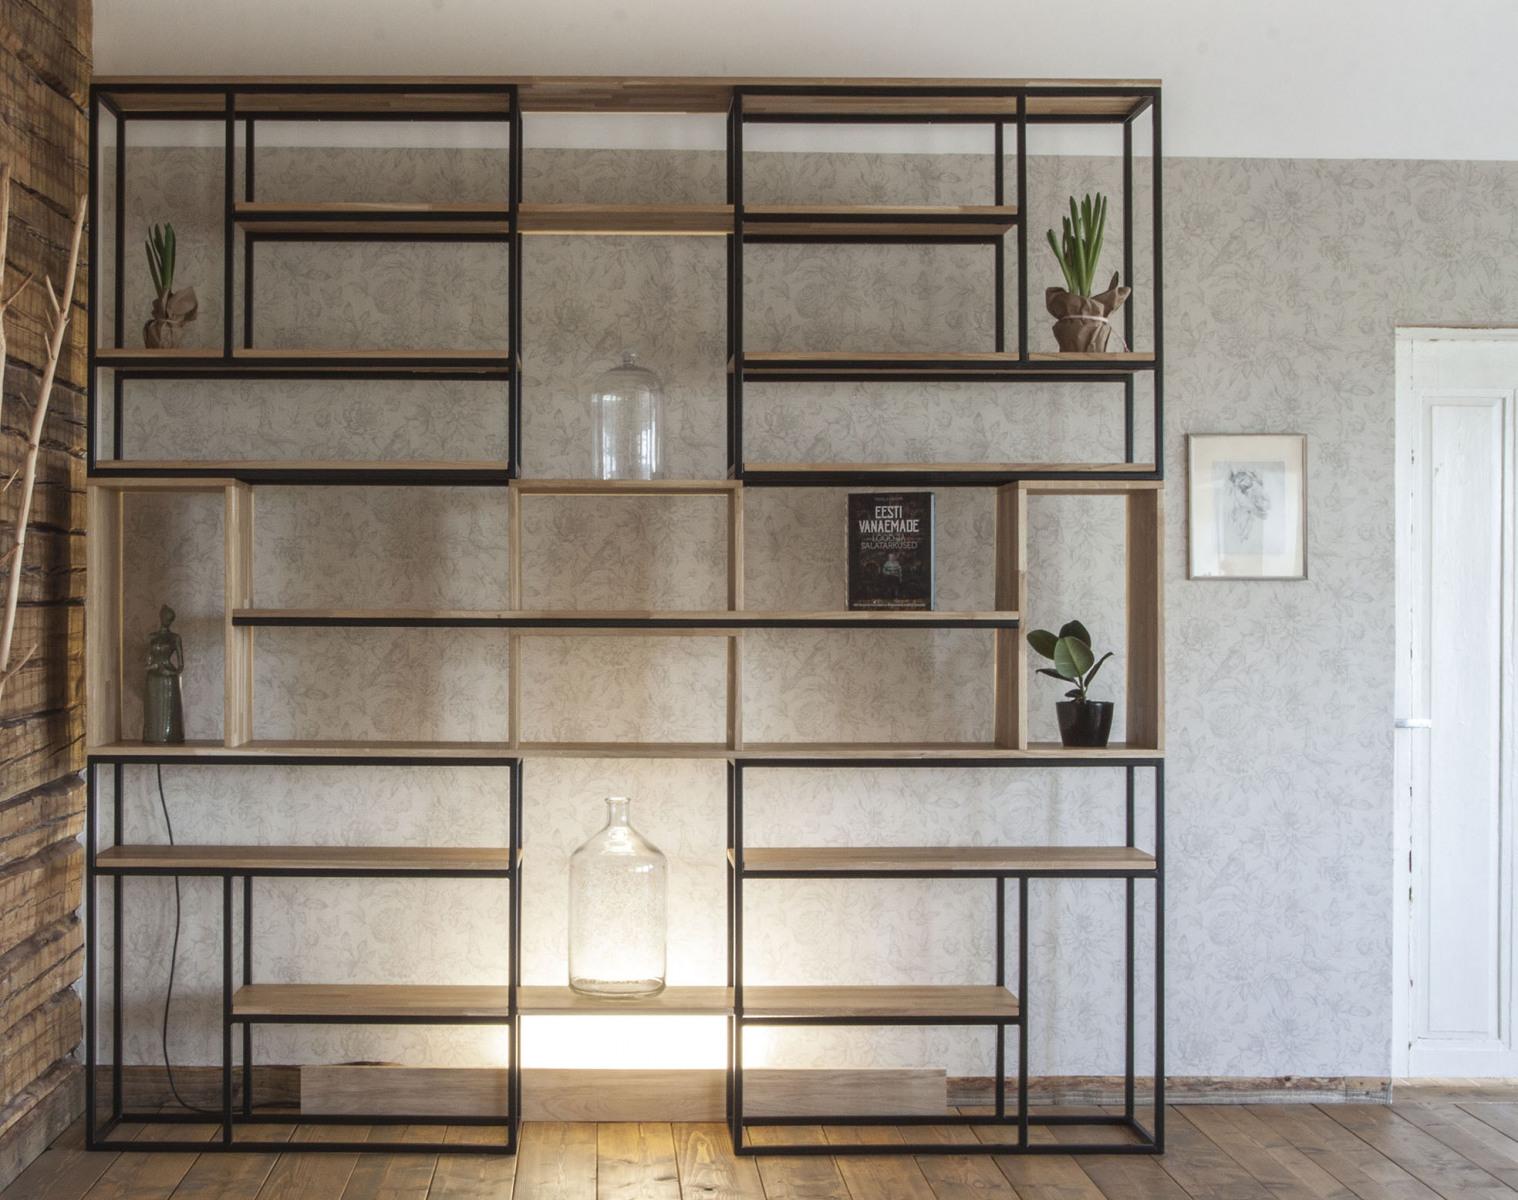 Teraskonstruktsioonis-riiul-tamm-raamaturiiul-metall-ja-puit-2